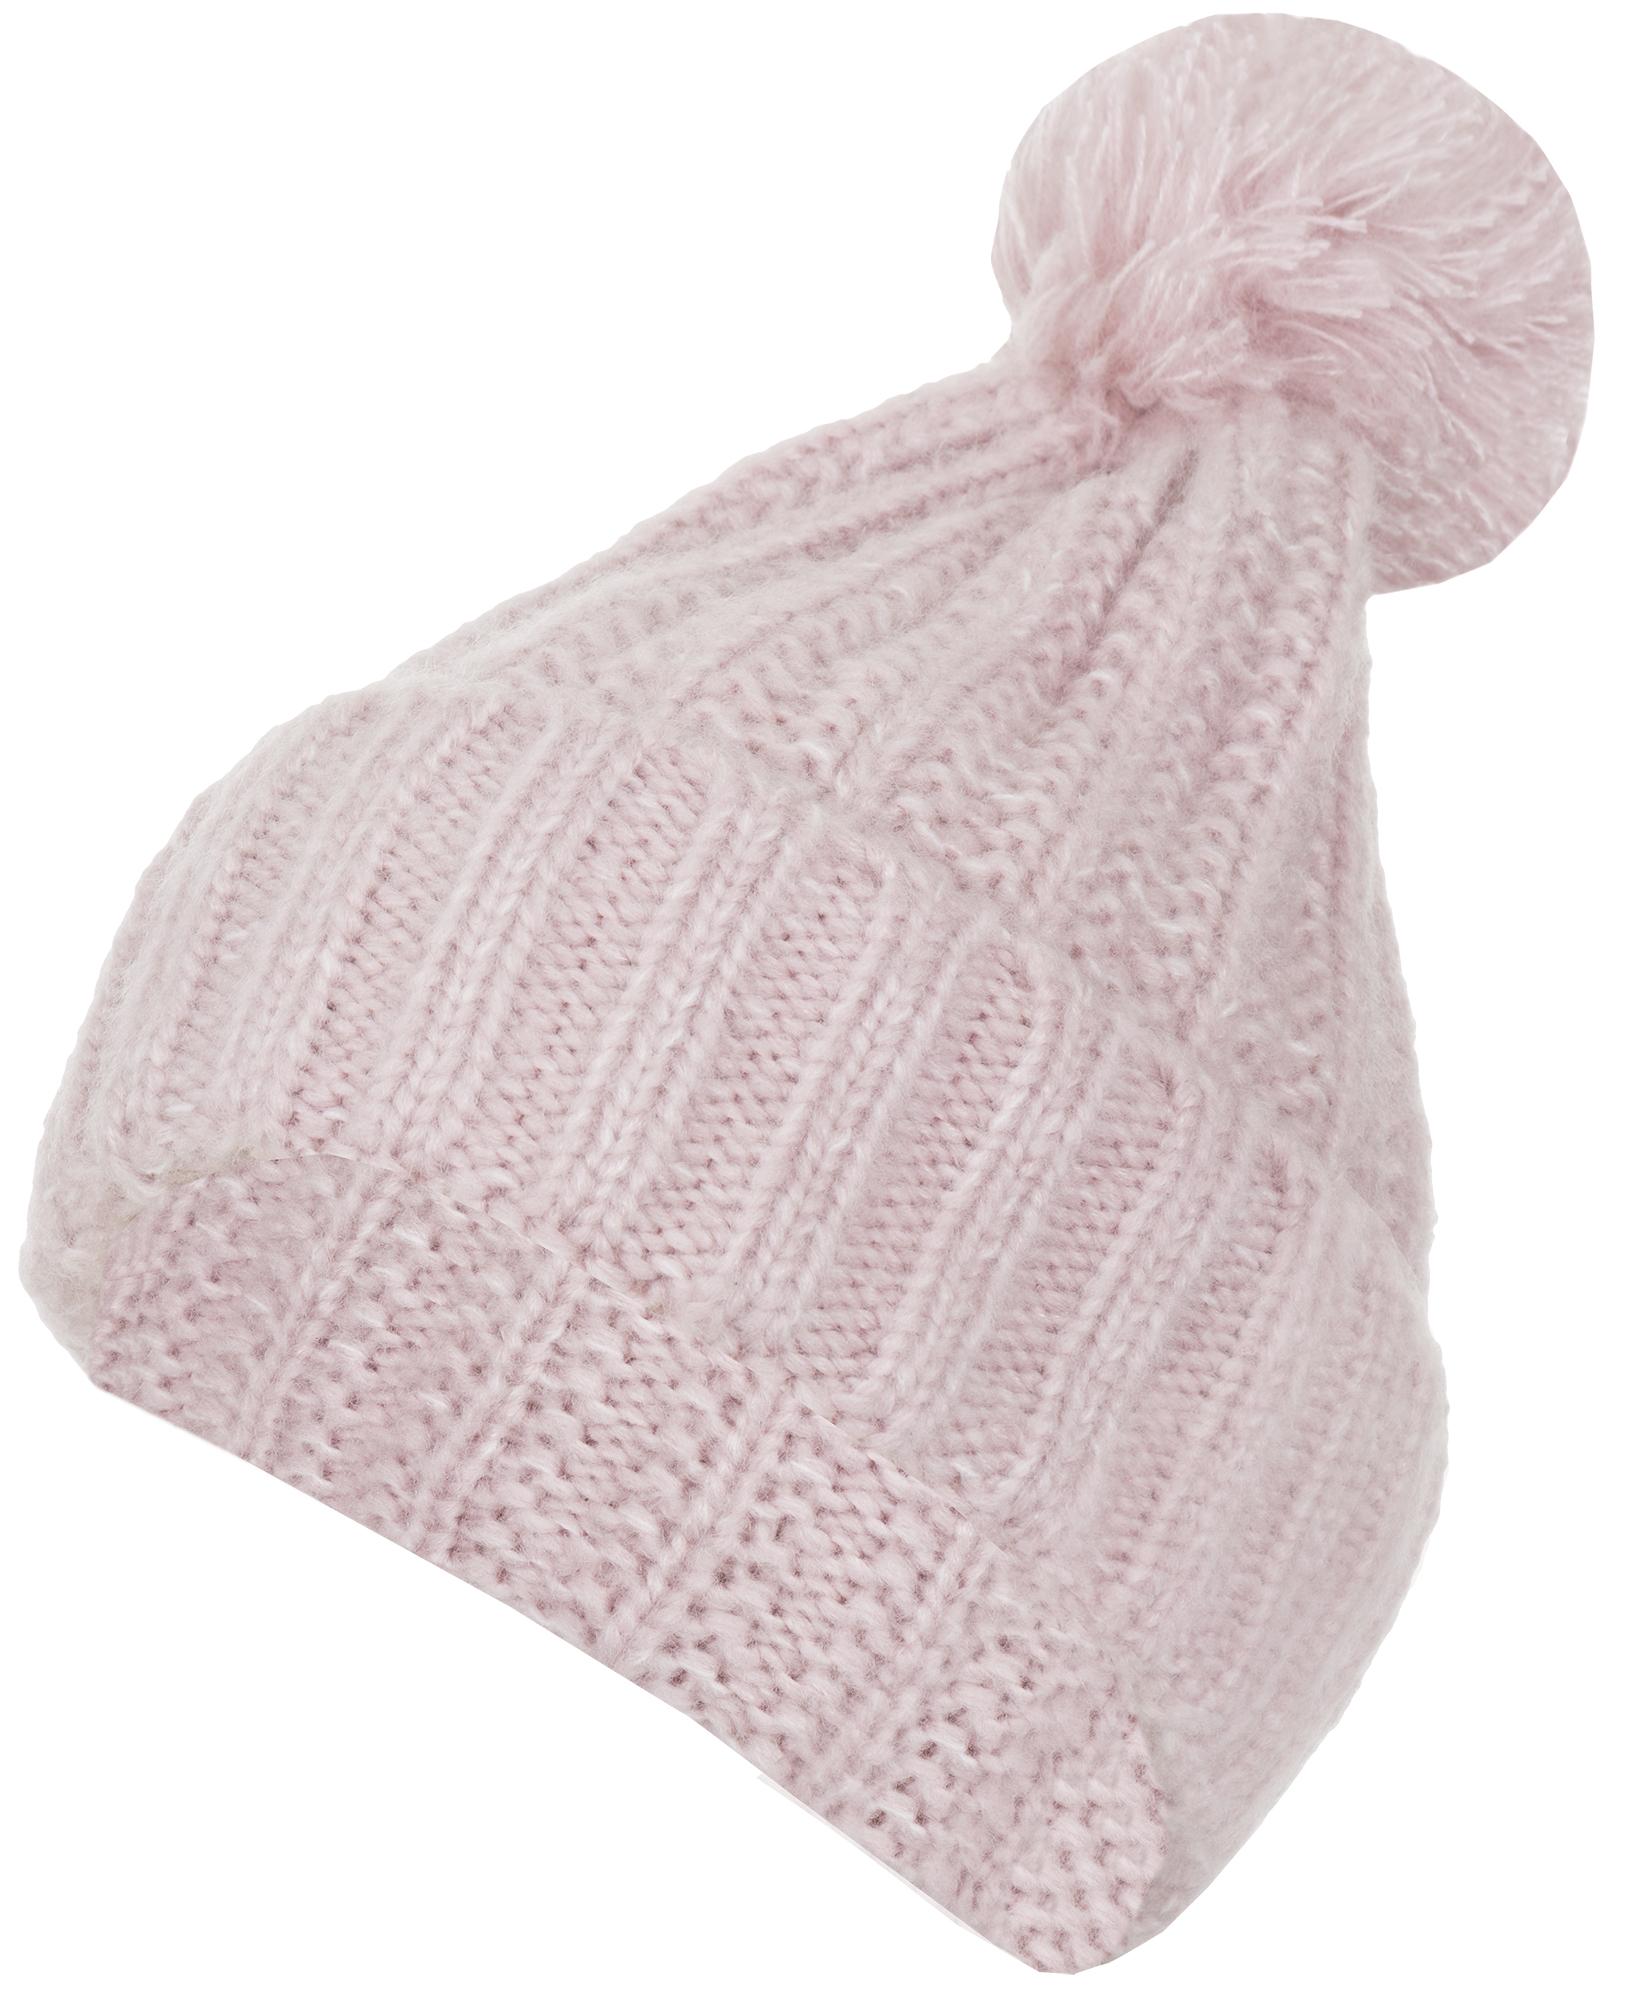 IcePeak Шапка женская IcePeak Aisla, размер Без размера icepeak шапка мужская icepeak iolo размер без размера